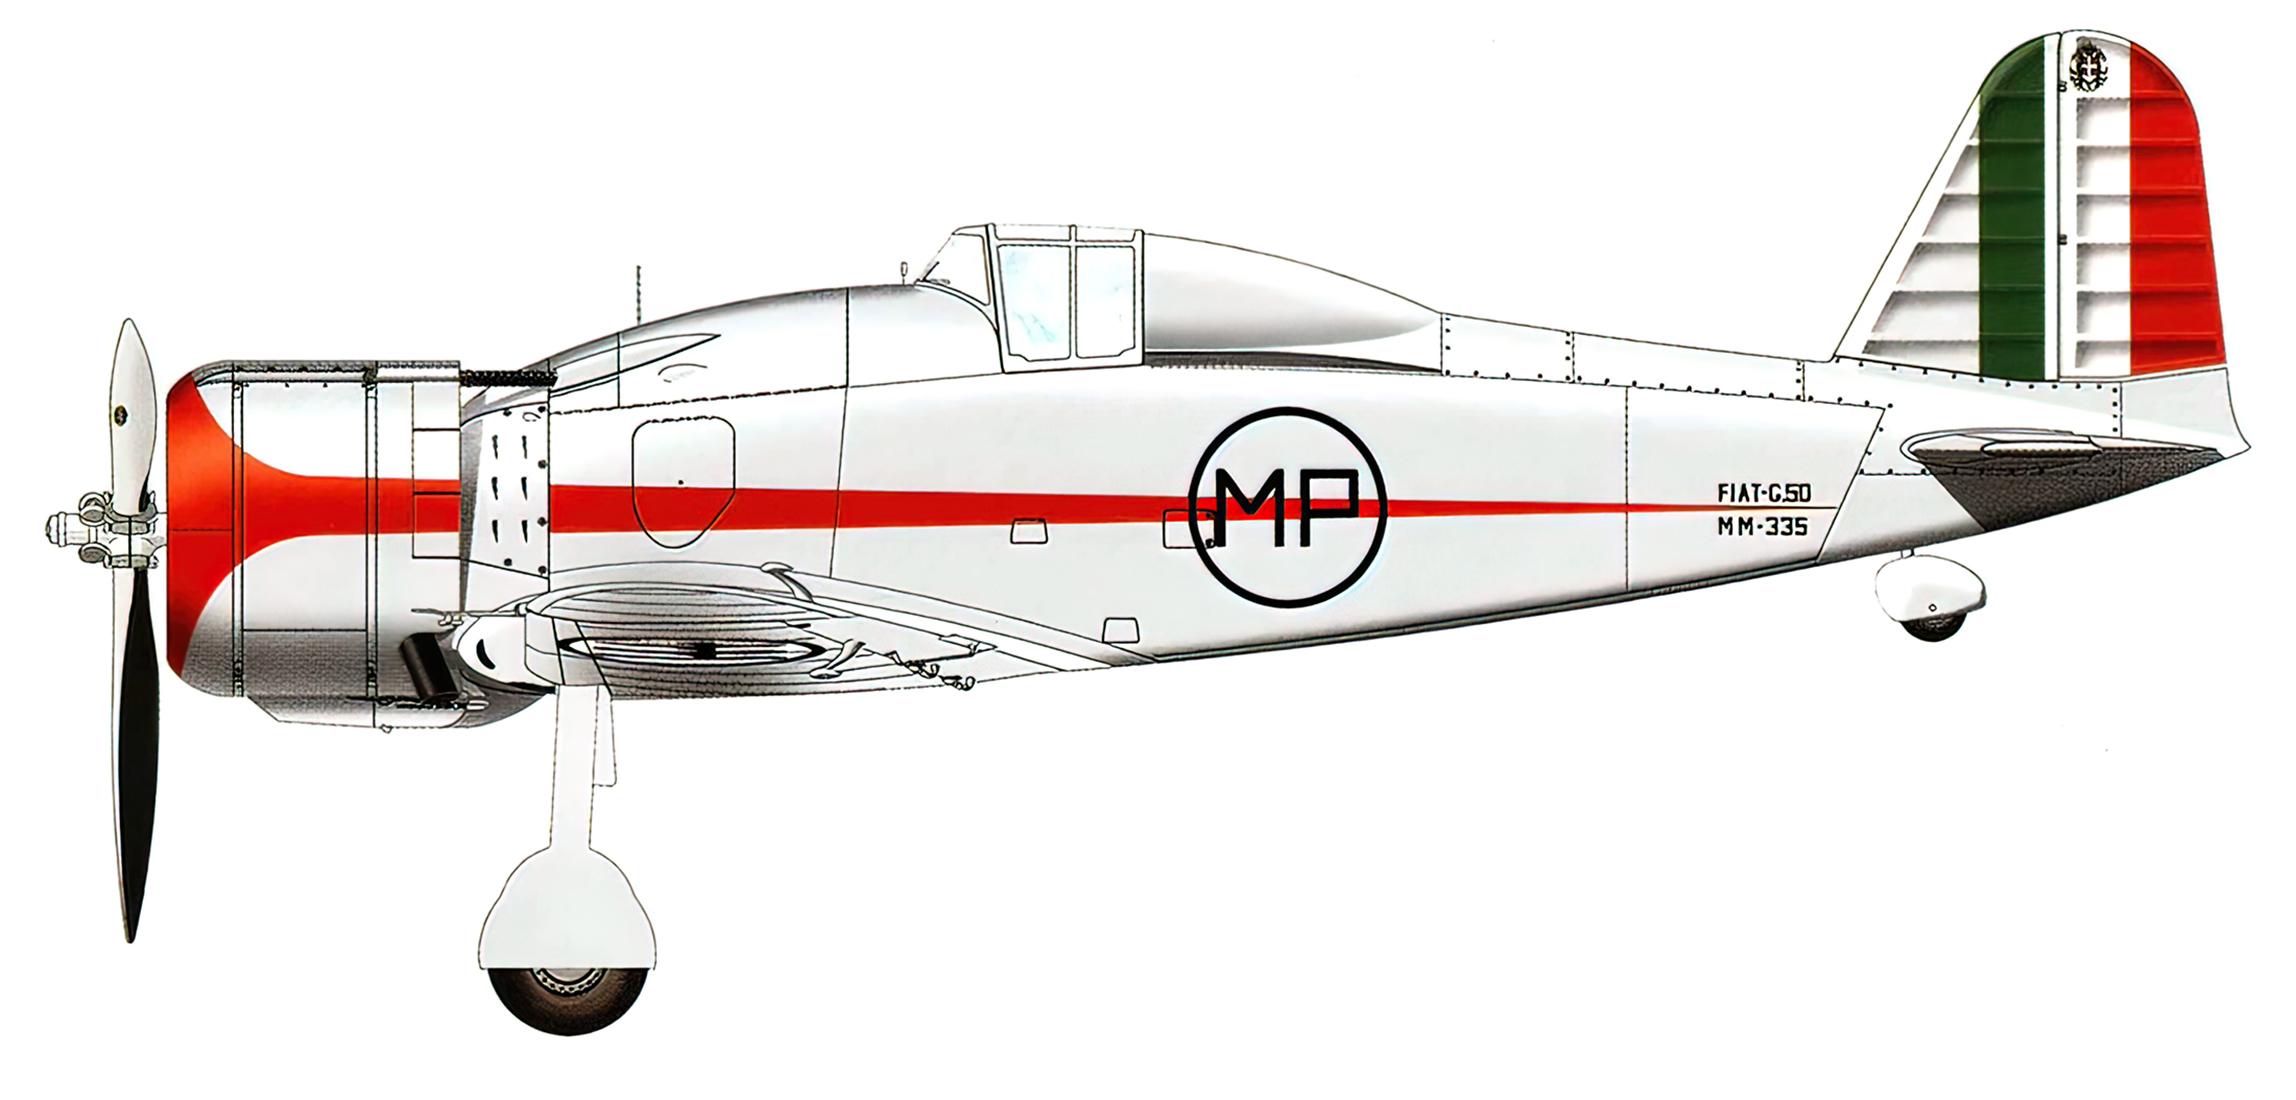 Fiat G50 Freccia prototype MM335 Stabilmento Costruzioni Aeronautiche Guidonia Italy Sep 1938 0A